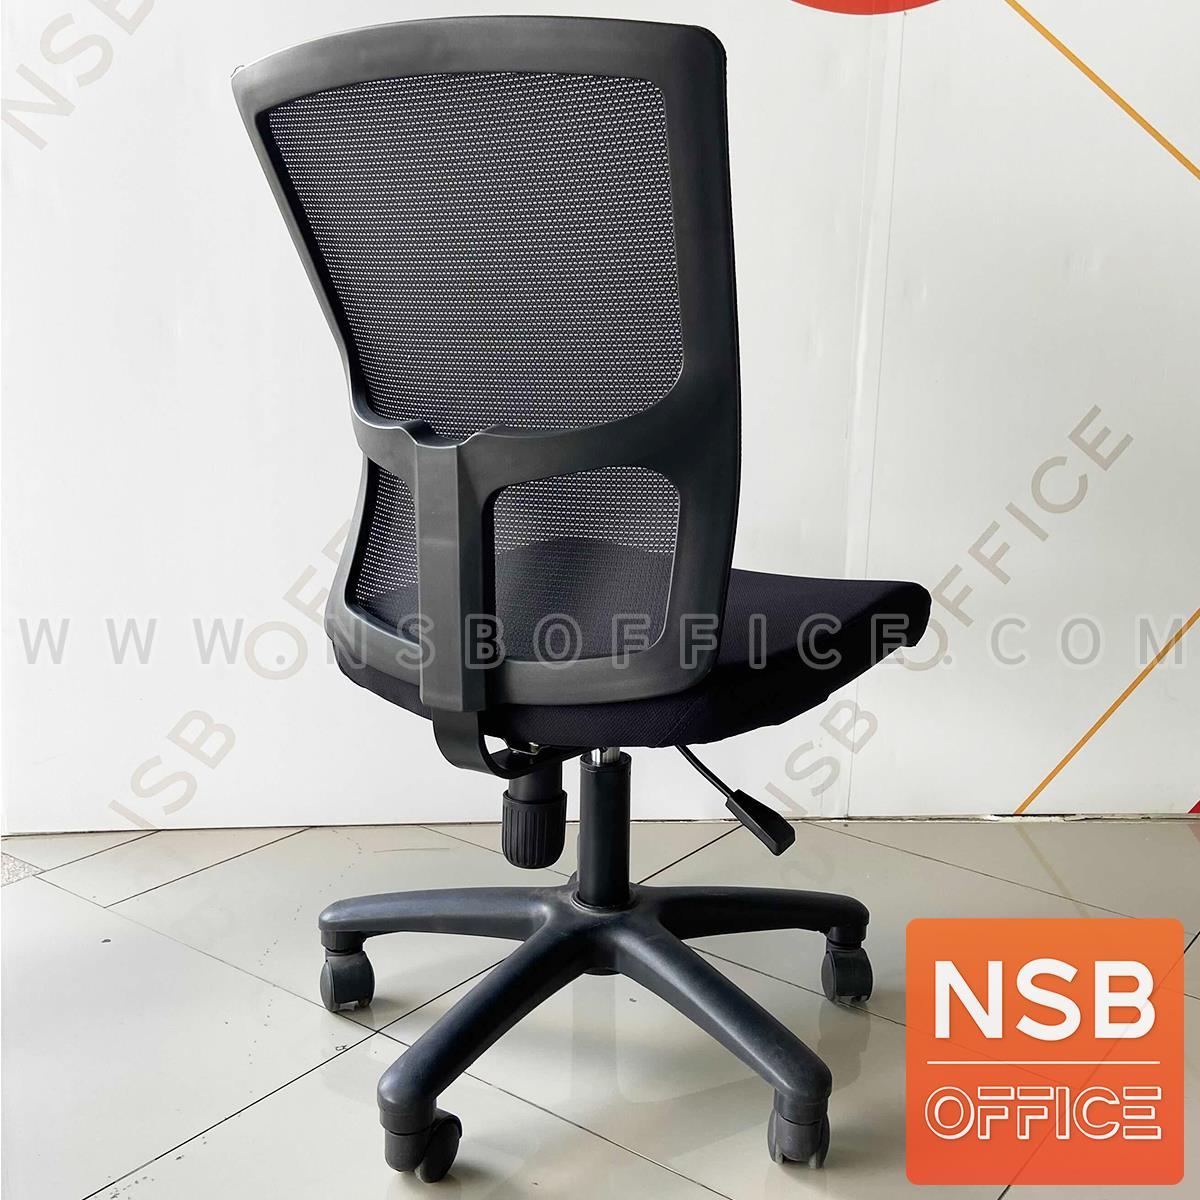 เก้าอี้สำนักงานหลังเน็ต ไม่มีท้าวแขน รุ่น Lazenby (เลเซนบี) โช๊คแก๊ส มีก้อนโยก ขาเหล็กชุบโครเมี่ยม